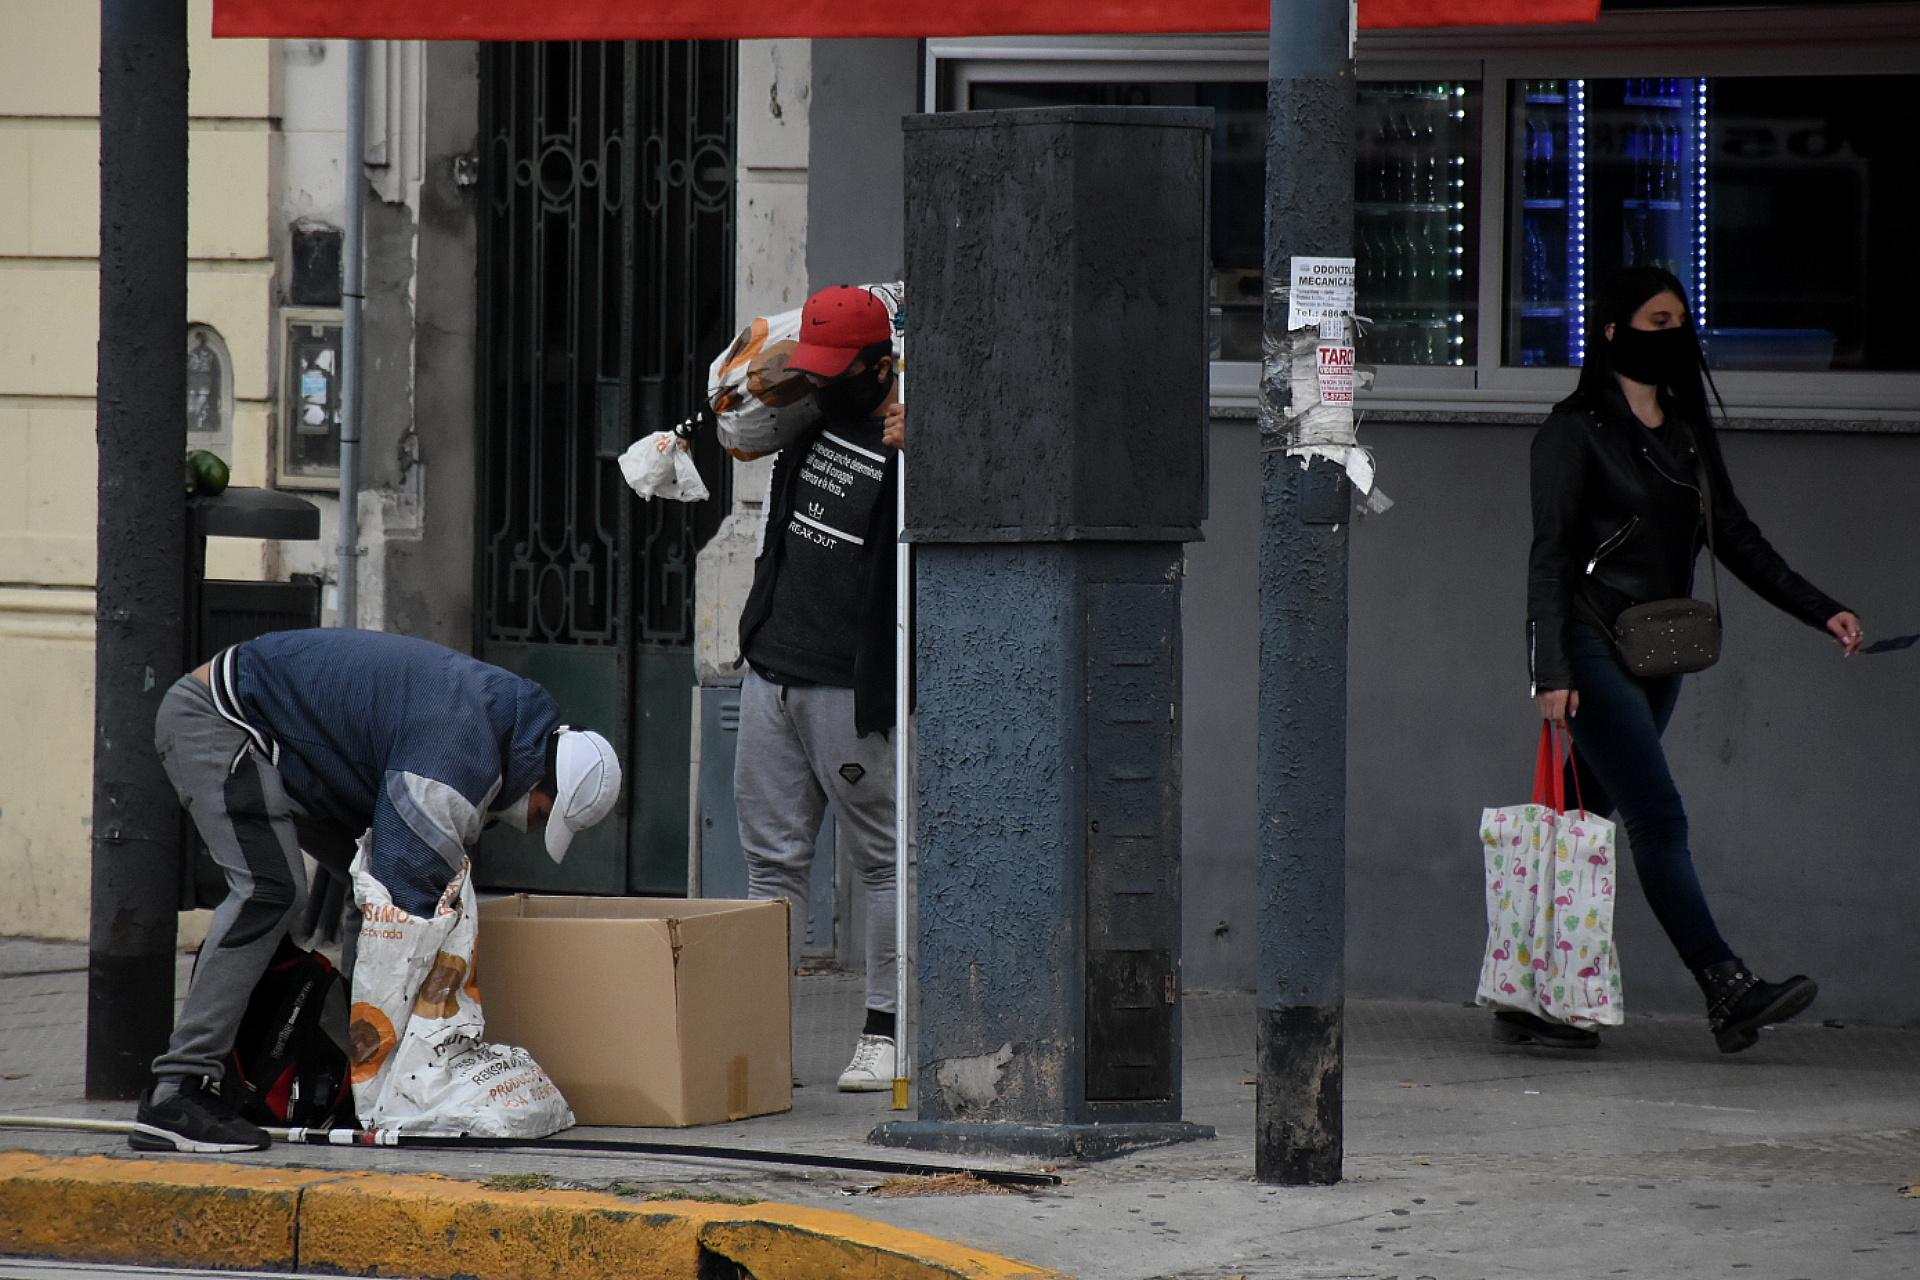 Muchas organizaciones no gubernamentales asisten a las personas en situación de calle: organizan ollas para darles de comer en puntos clave de la ciudad o entregan abrigos. La pandemia complicó la organización de estos operativos.